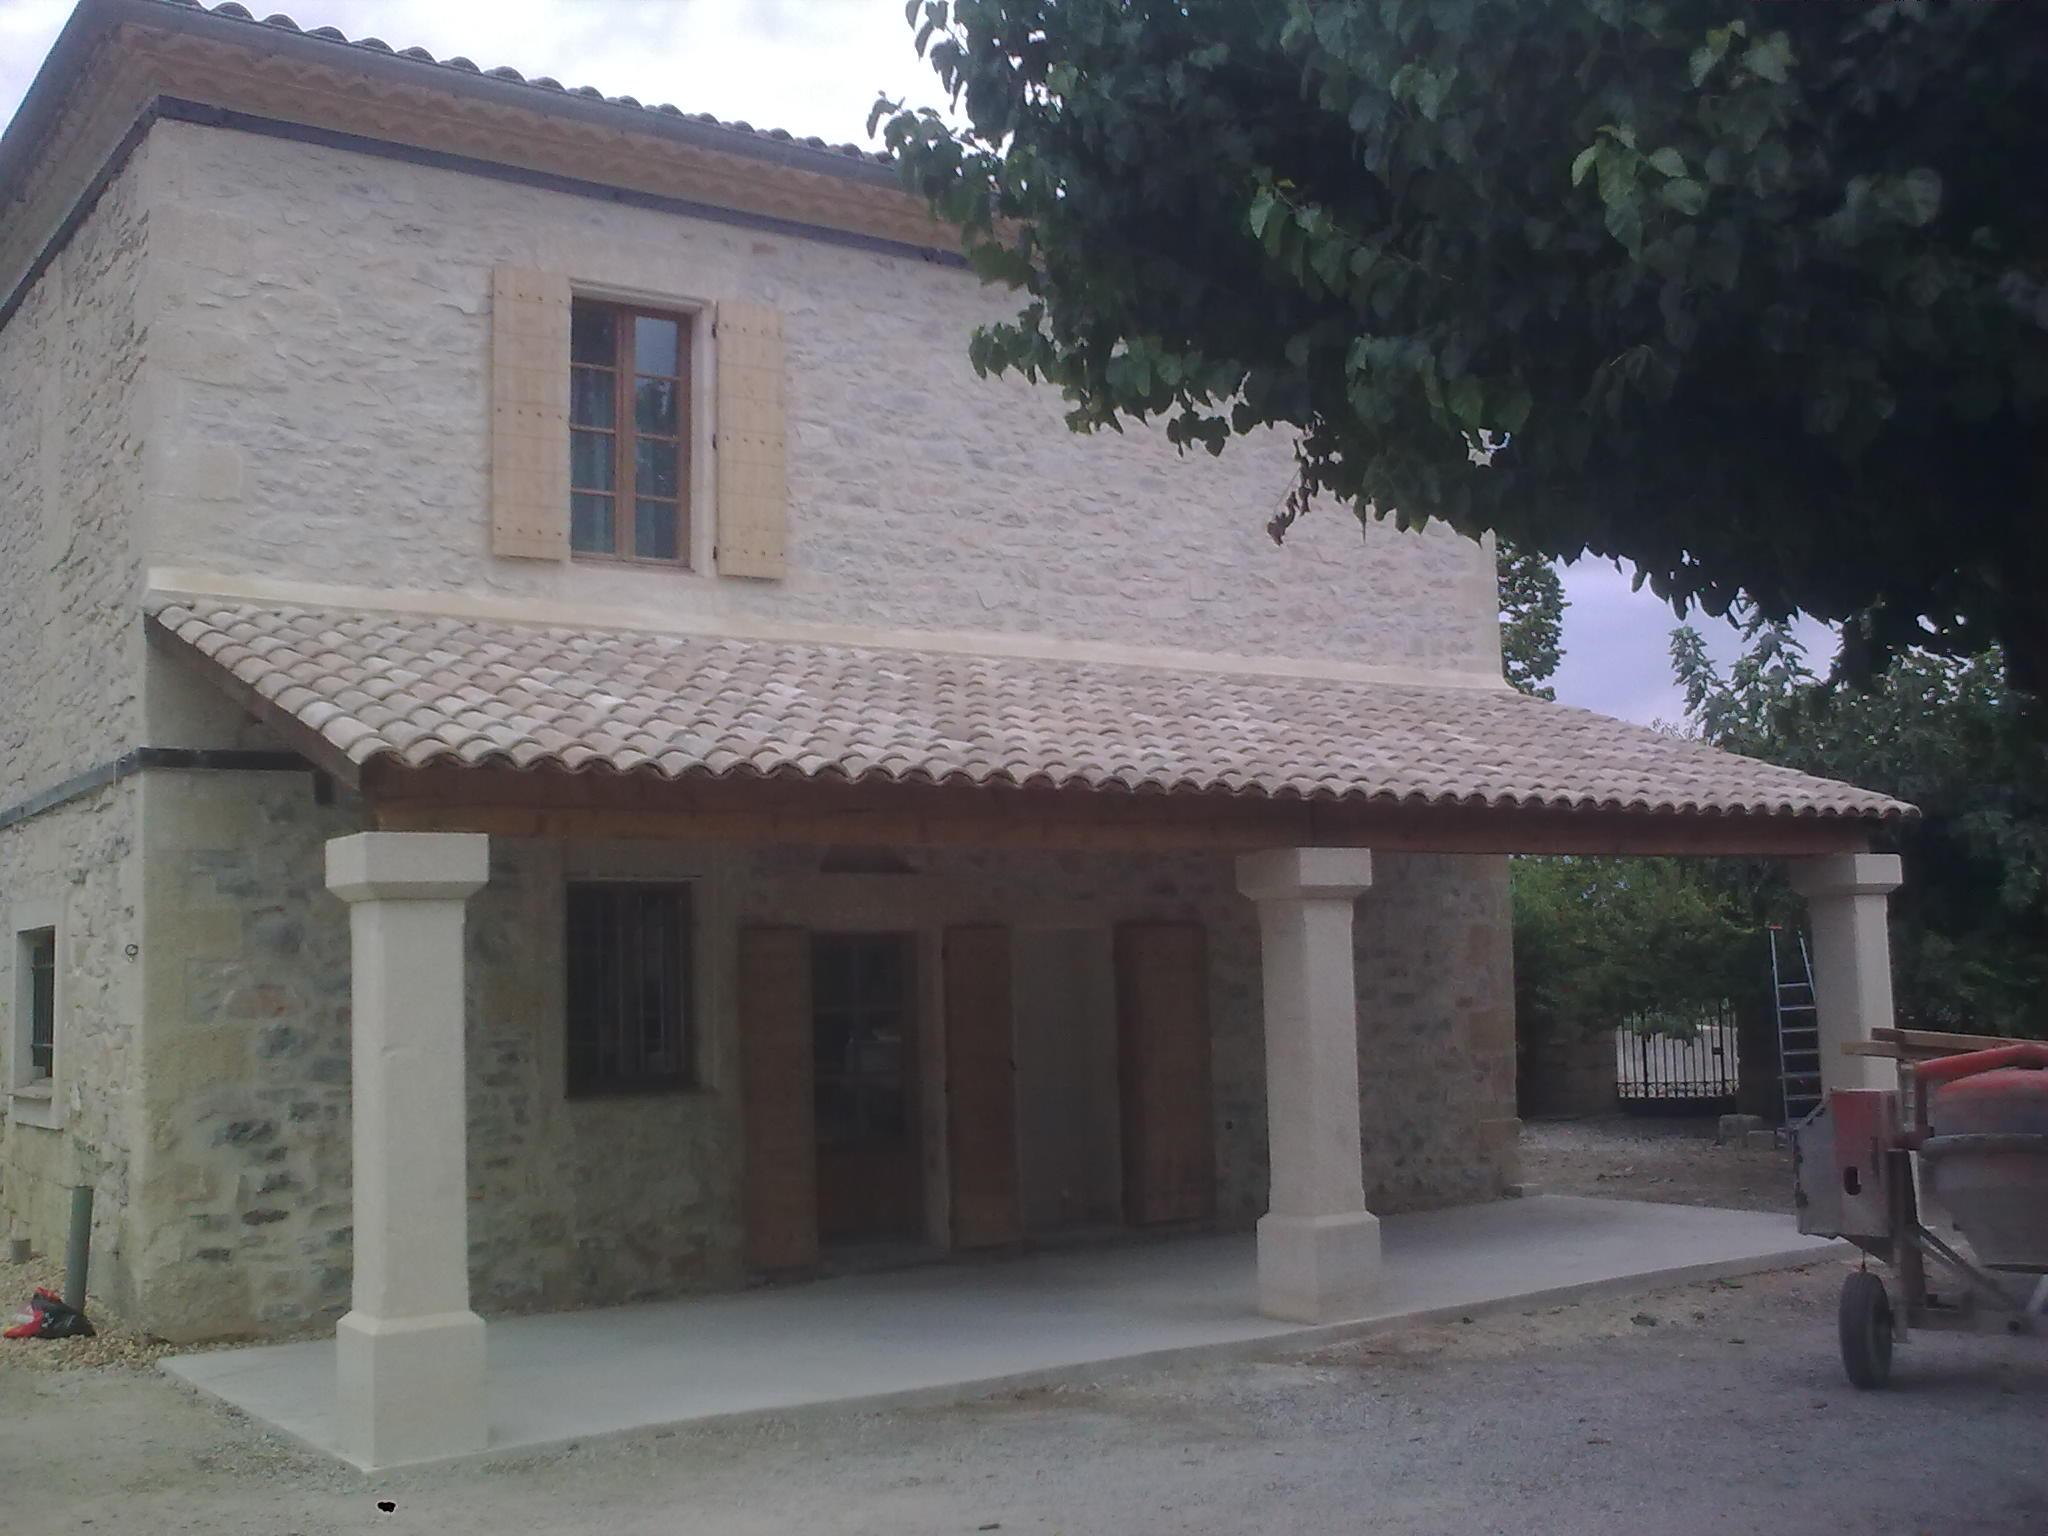 Restauration d'un mas dans l'Hérault, création d'un auvent, piliers en pierres taillées, jointées à la chaux et tuiles canal.